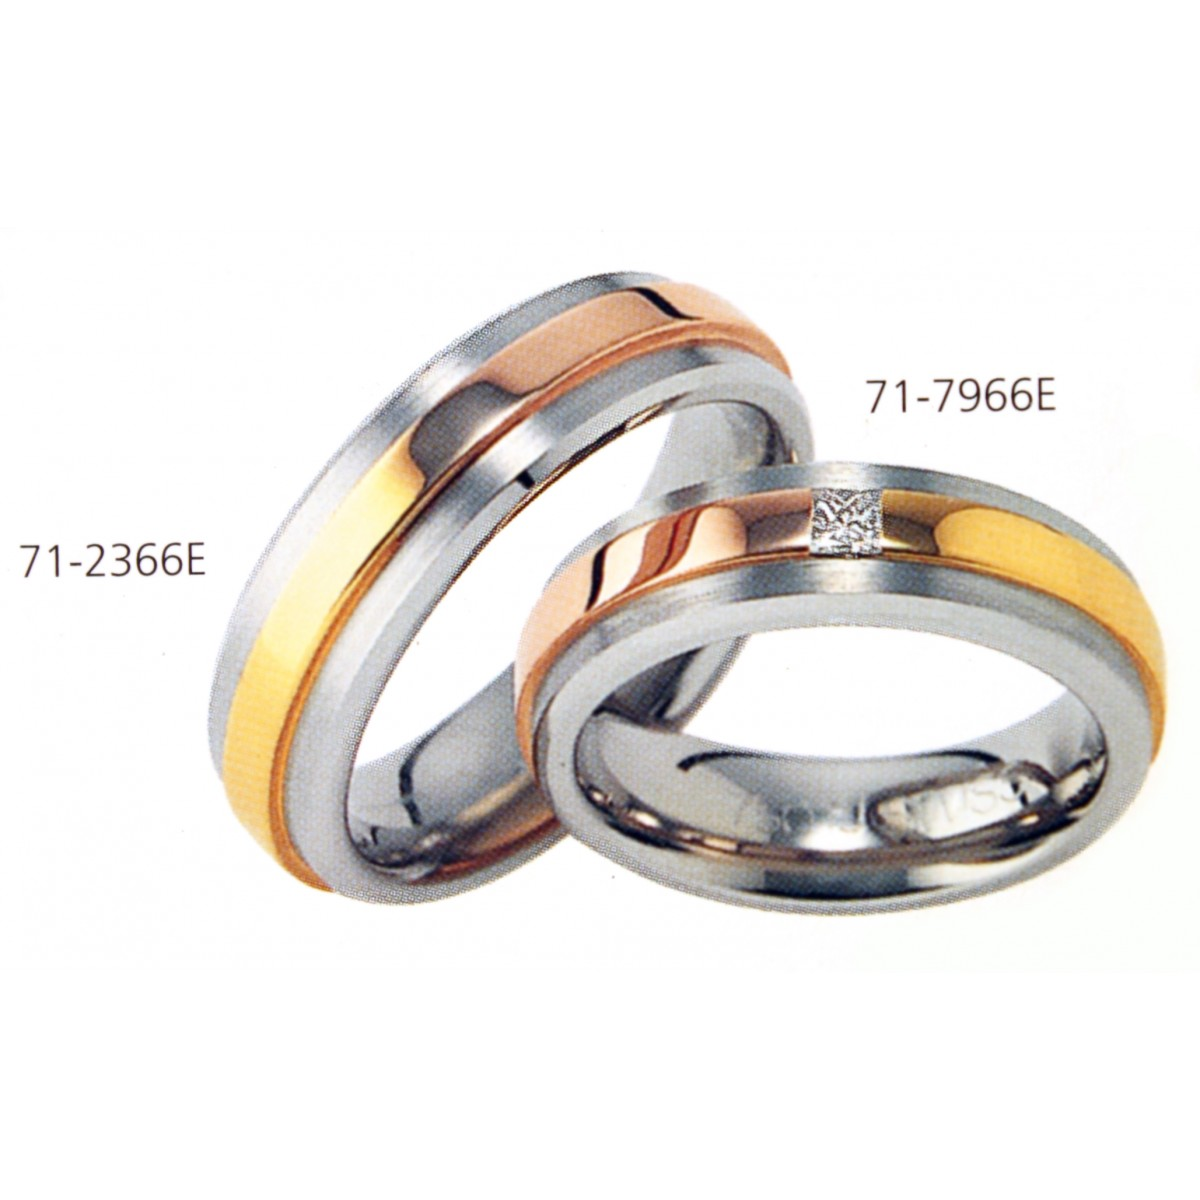 11c3c542ec40 Argolla Matrimonio - Gaber Joyería